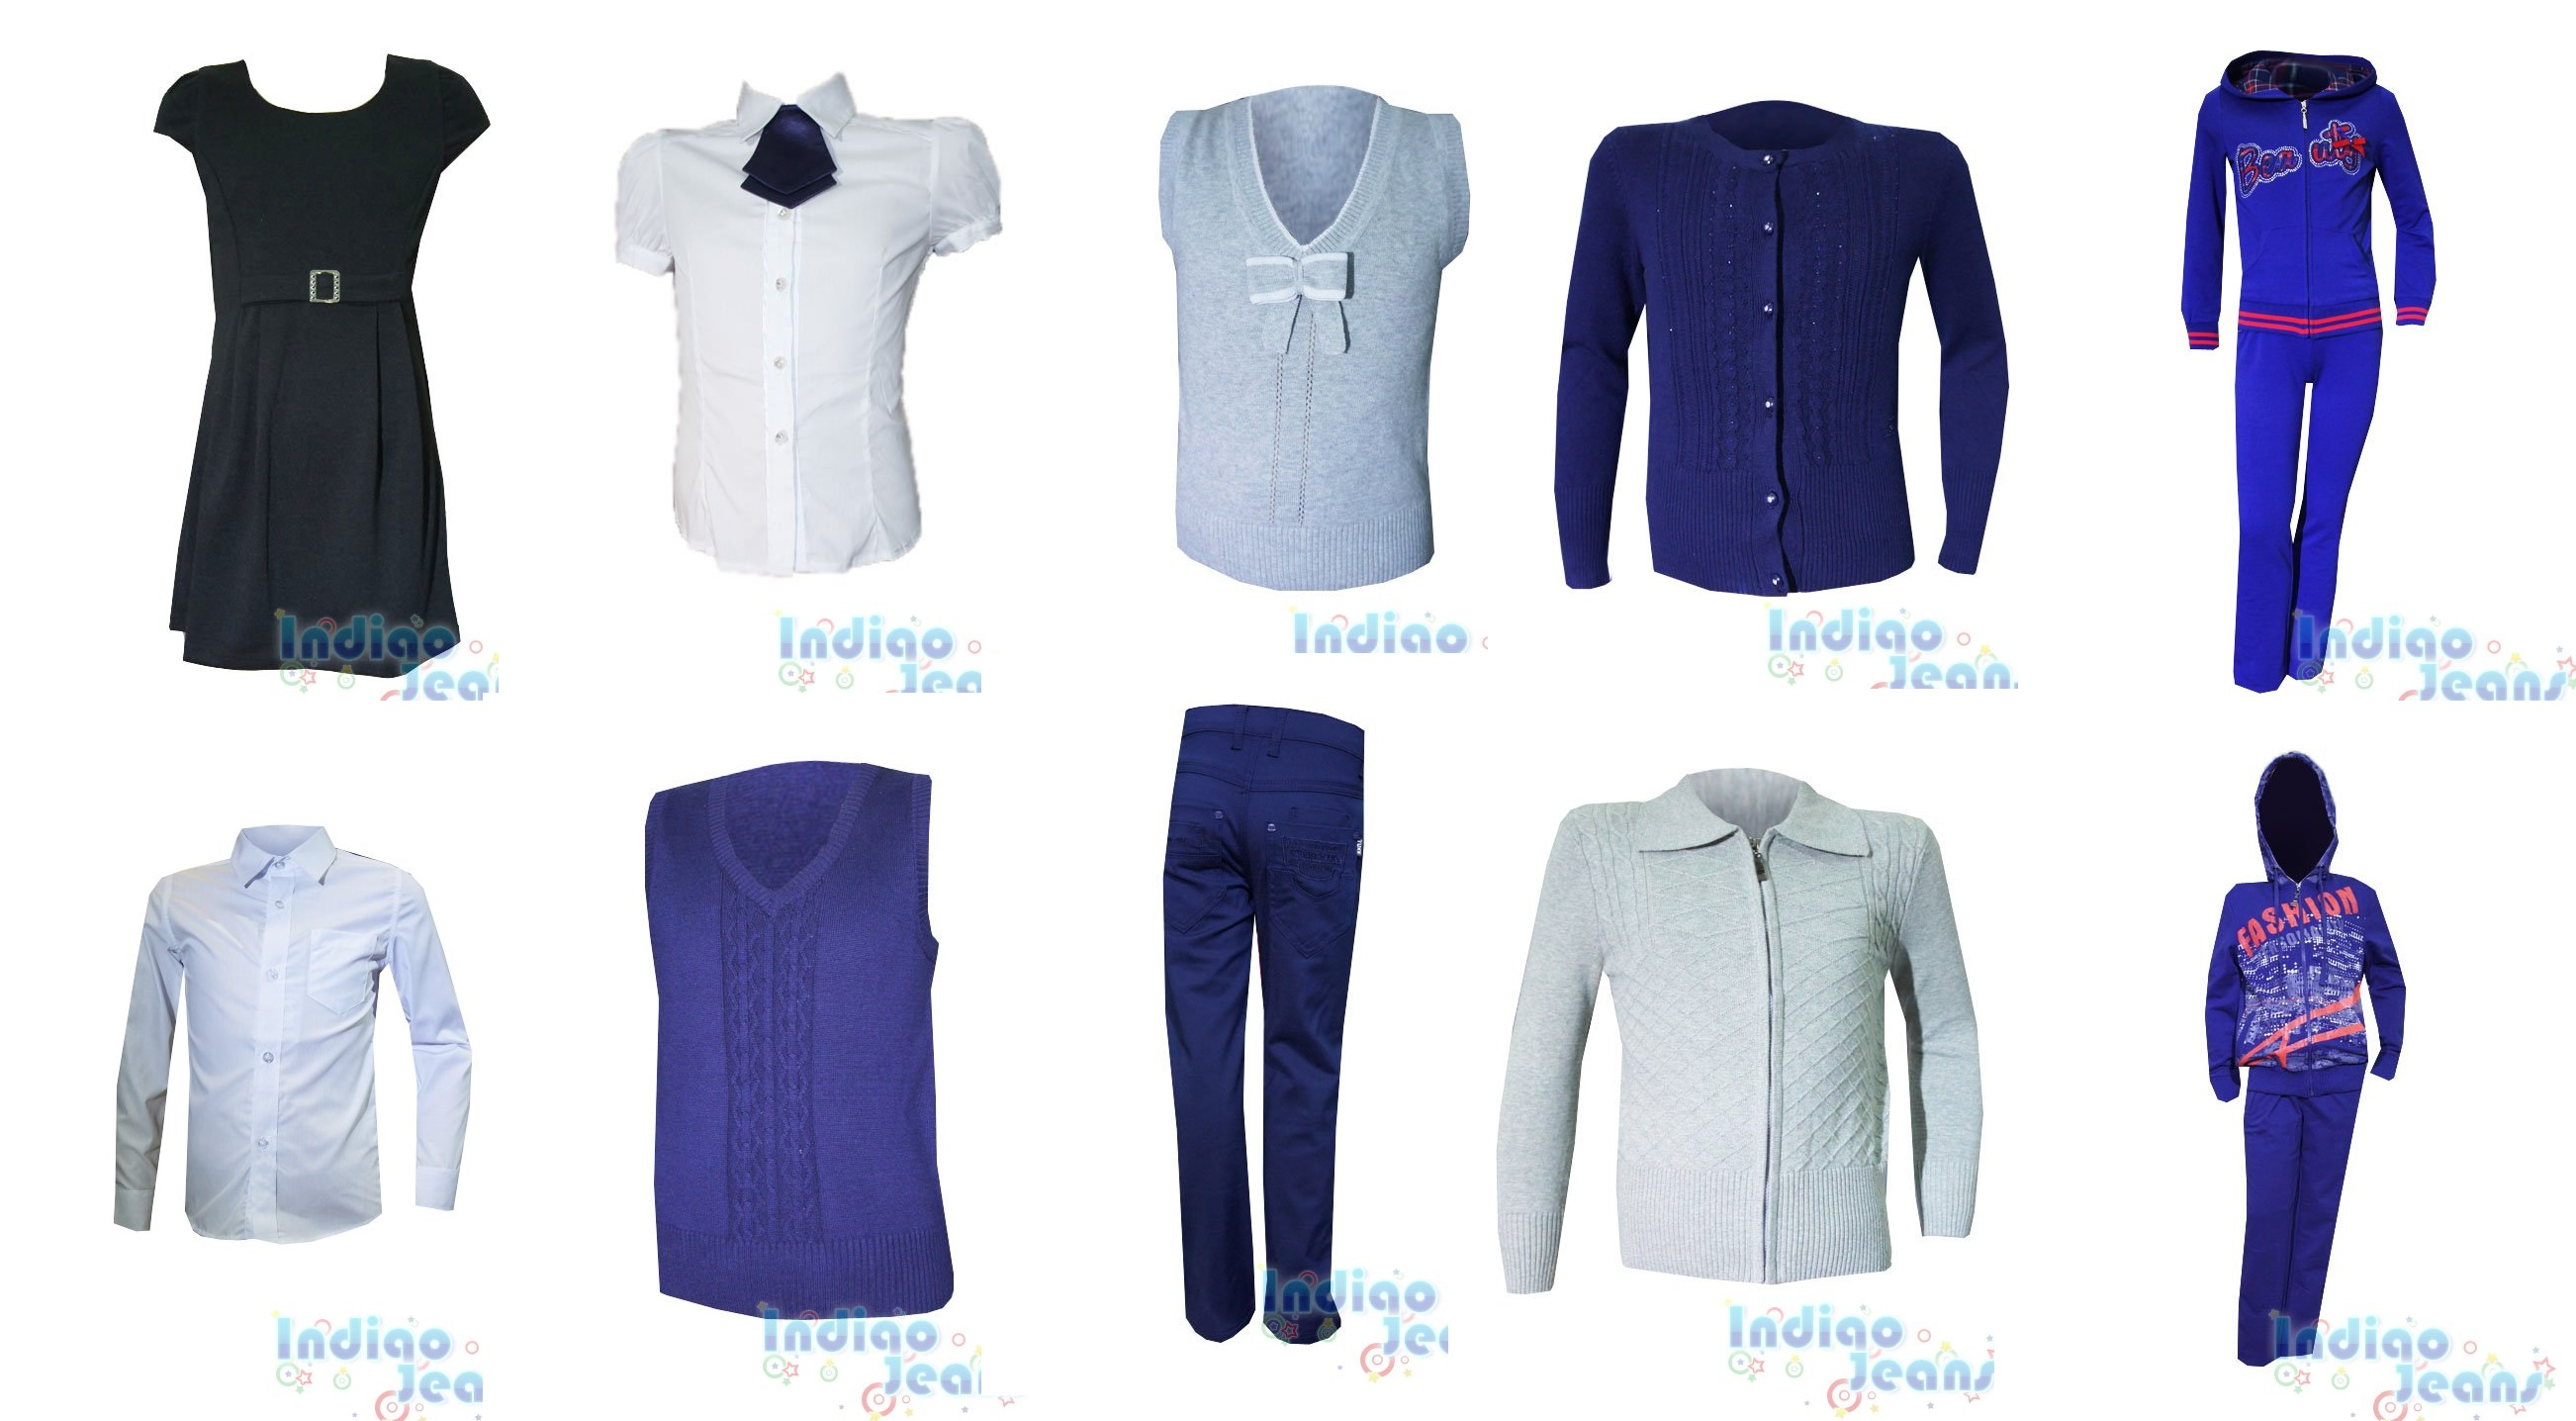 Школьная пора... Огромный выбор блузок, рубашек, кардиганов, жилетов. Брюки, сарафаны, юбки, жакеты. Спортивные костюмы. Раздачи - середина августа!